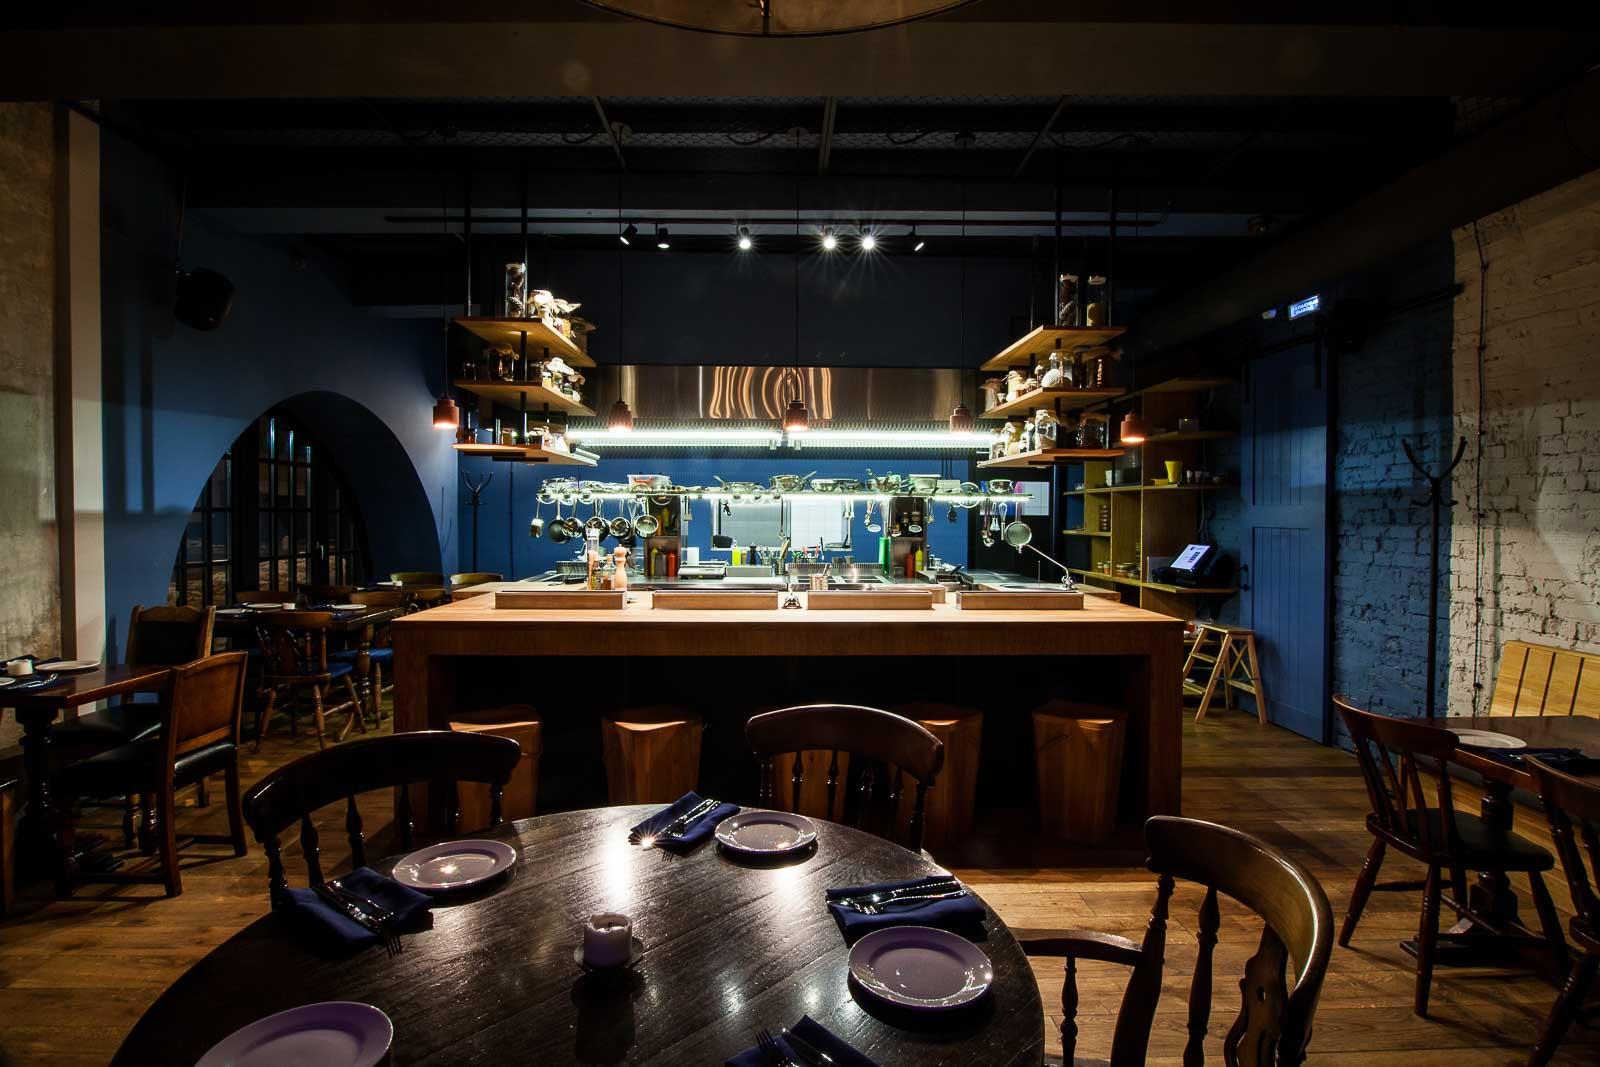 Open kitchen in the restaurant